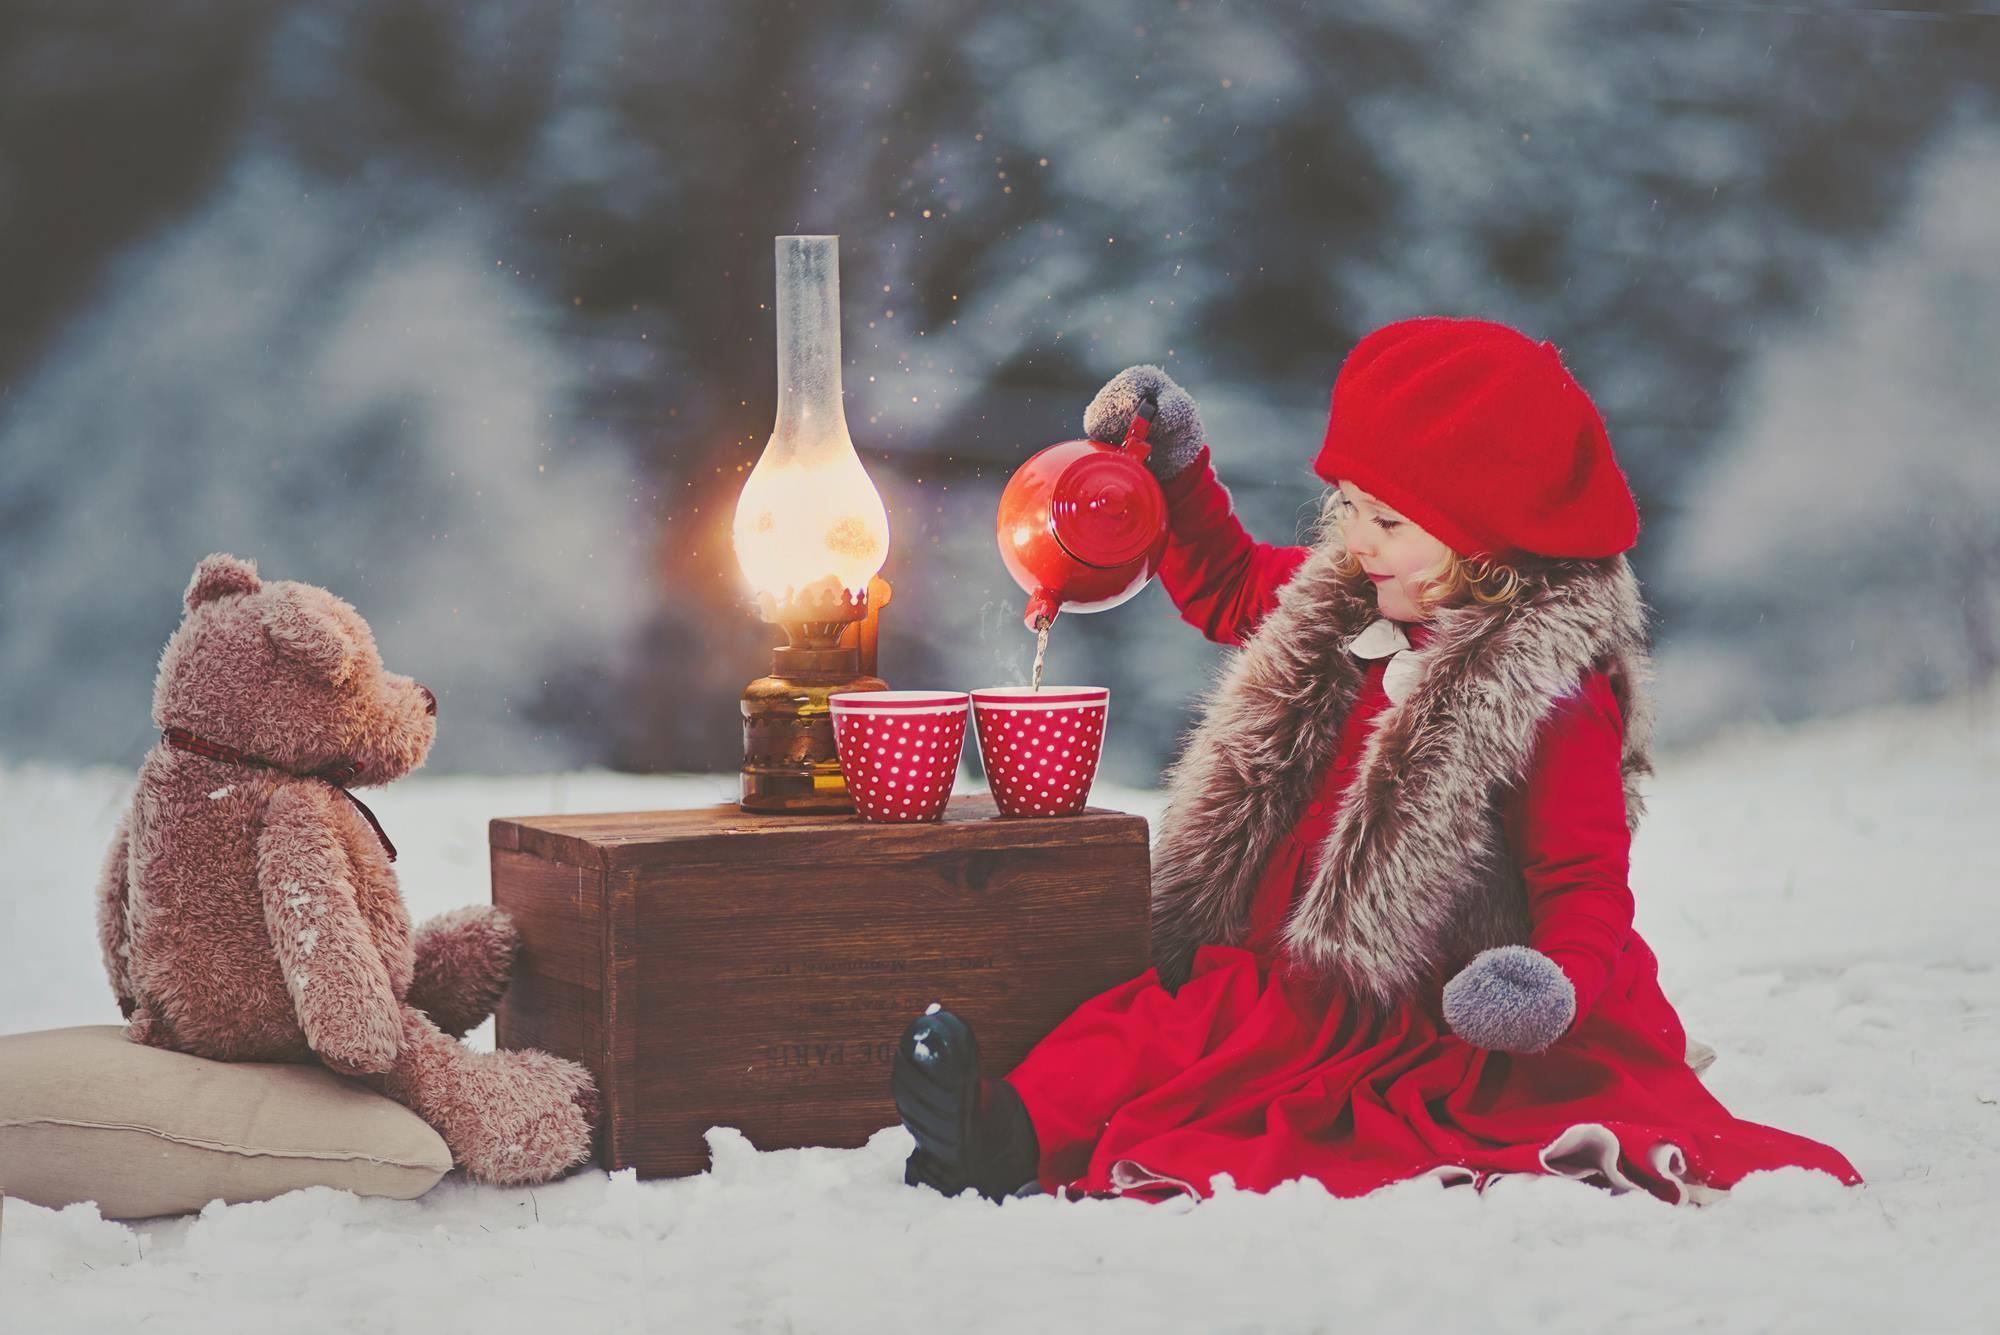 предлагаем новогодние картинки люди в снегу дороге